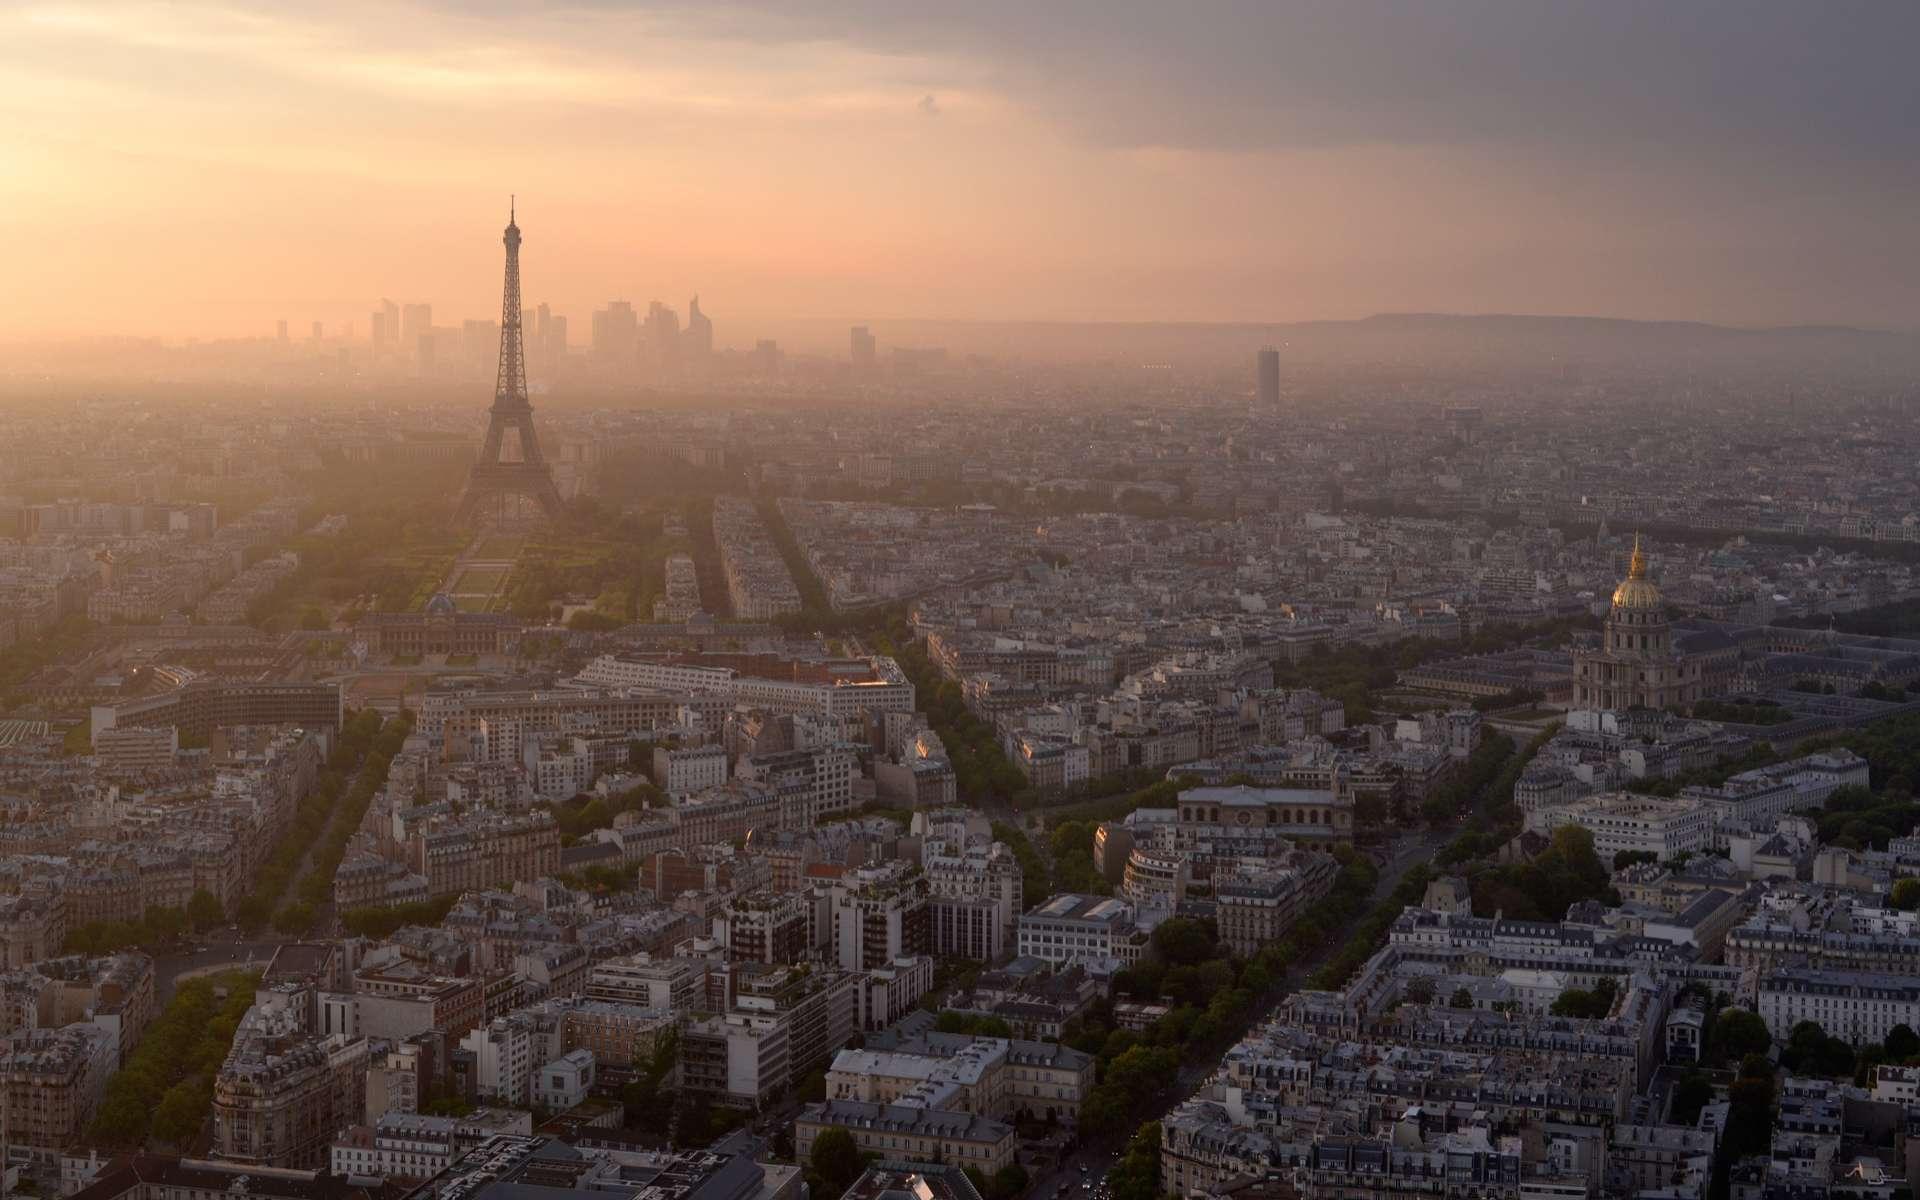 Le non-respect des objectifs fixés par l'accord de Paris pourrait coûter 600.000 milliards USD. © Fagat, Adobe Stock